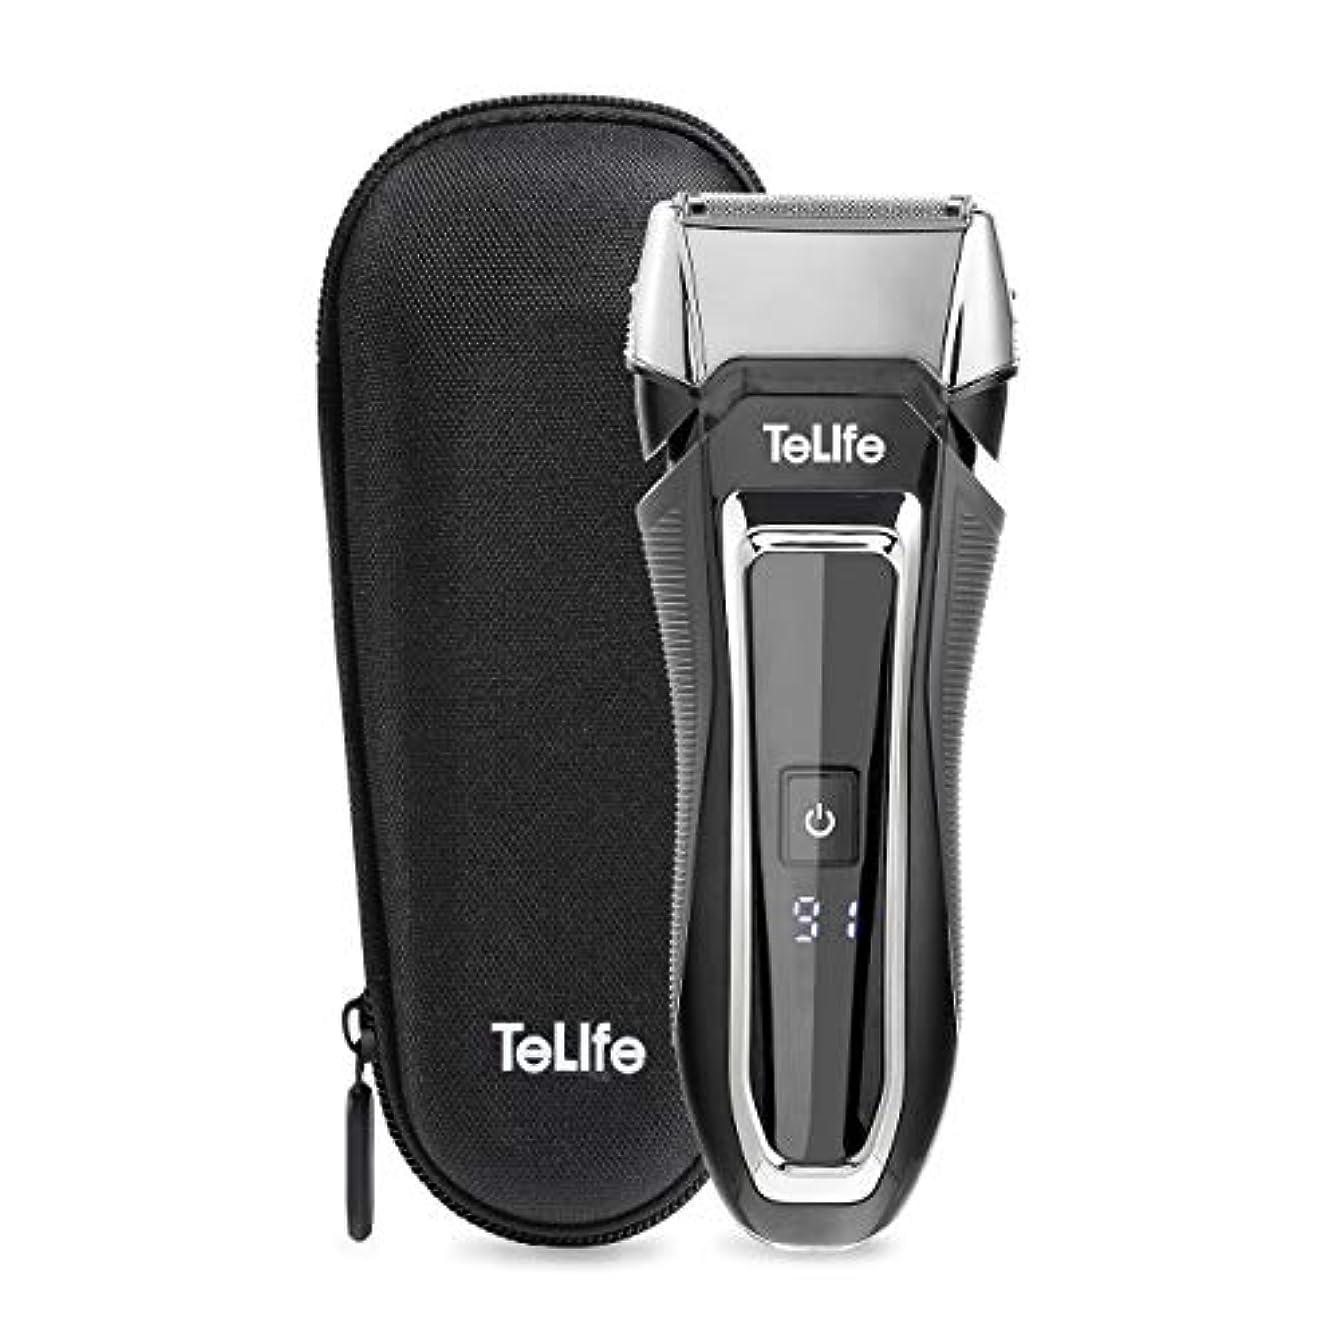 喪驚印刷するTeLife ひげそり 電動 メンズシェーバー 往復式 シェーバー 3枚刃 髭剃り 水洗い/お風呂剃り可 急速充電 電気シェーバー (ブラック)